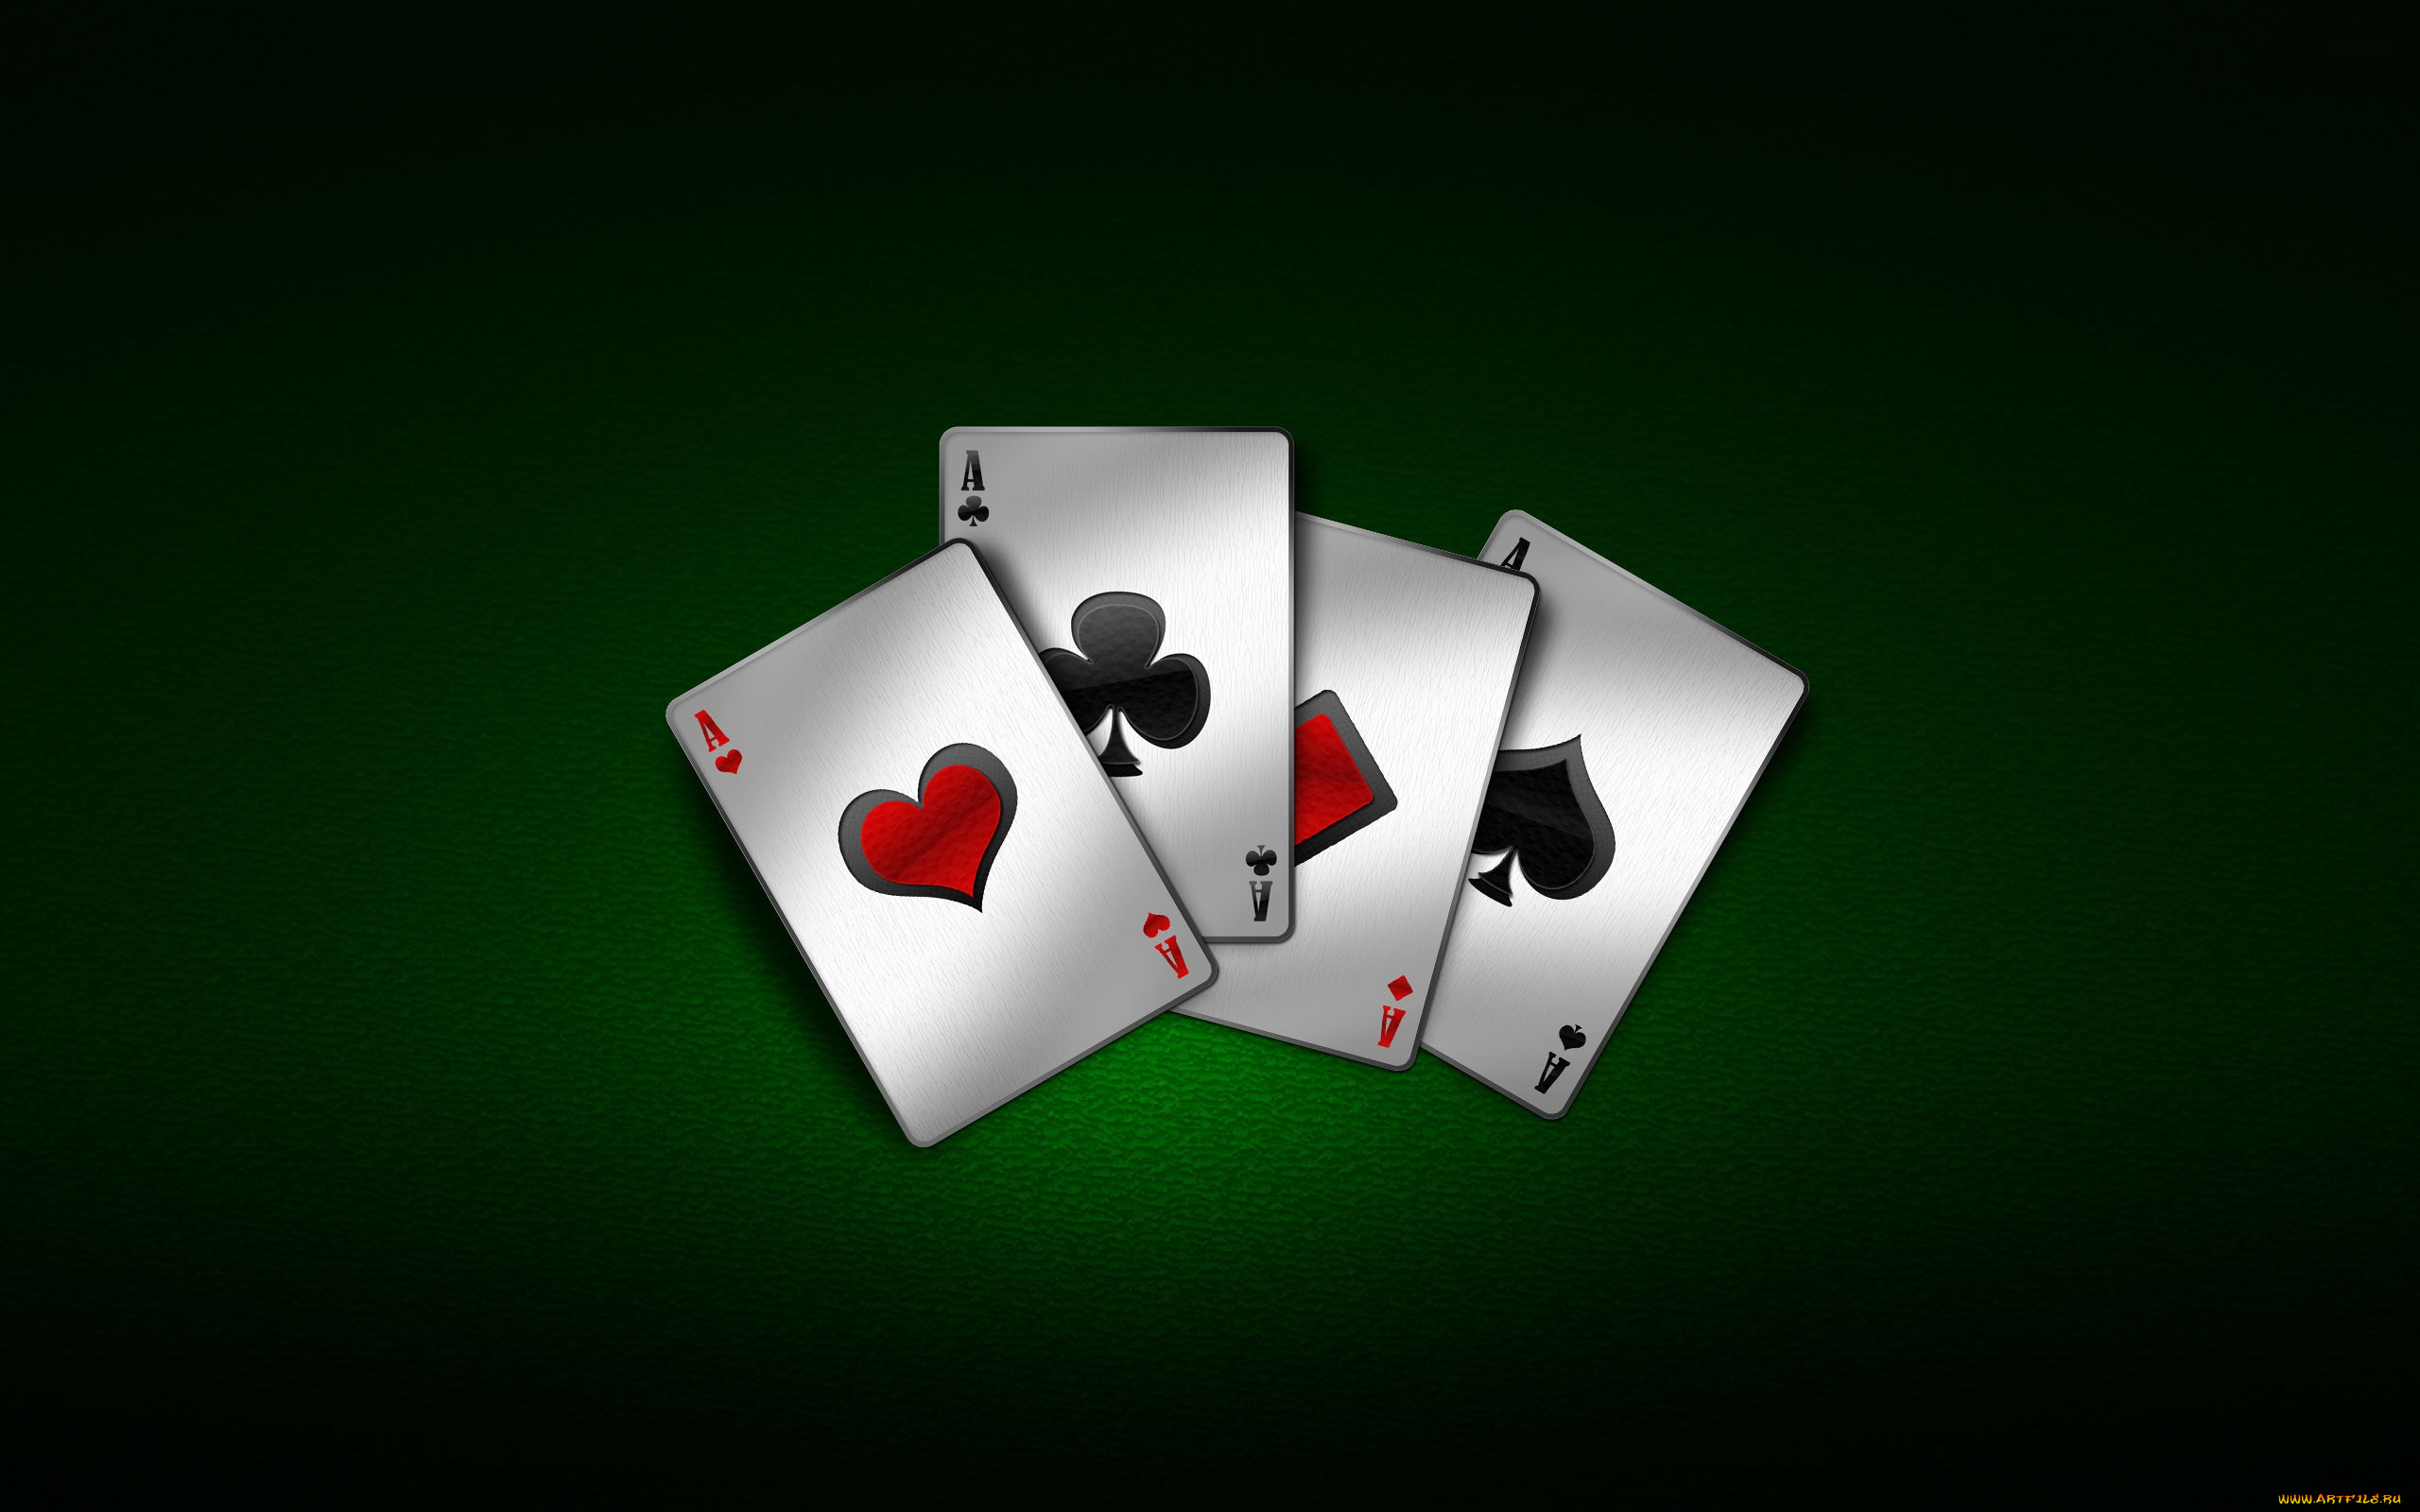 игры карты игральные азартные  № 1898068 без смс